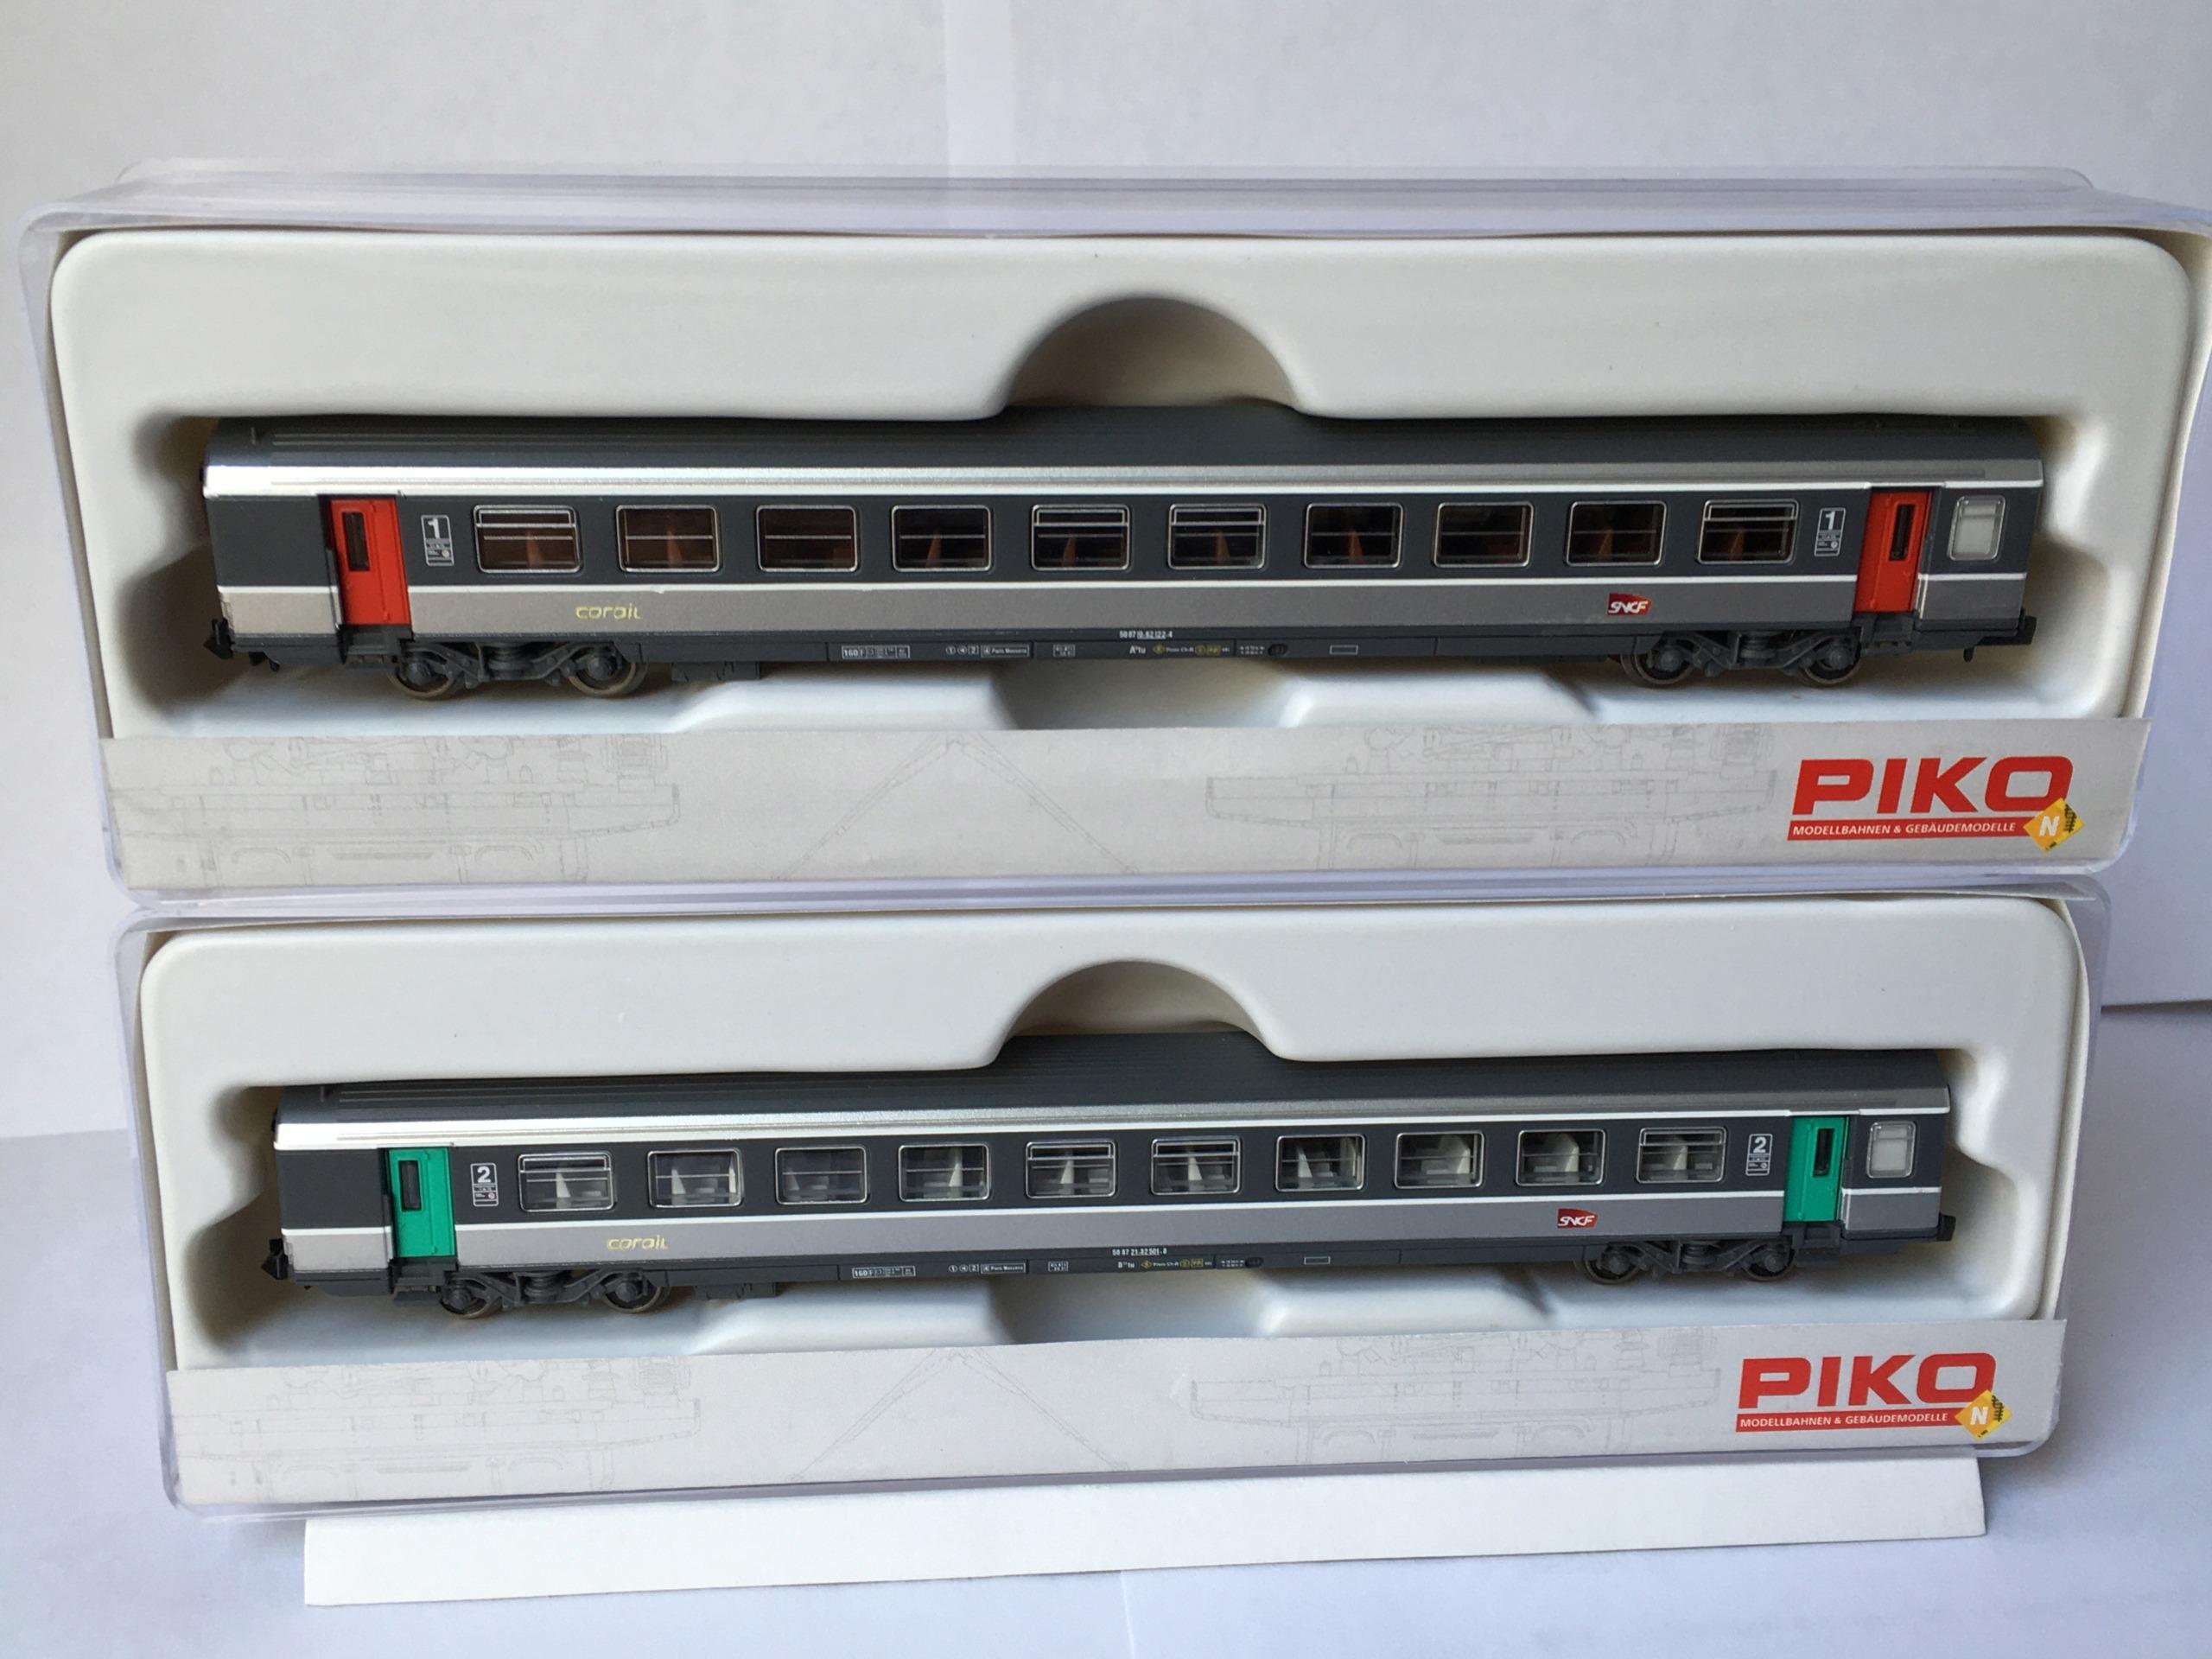 Ventes SNCF Olimac mars 2021 (9200 Trix, 26000 Piko, Corail Piko...) échelle N Img_0020